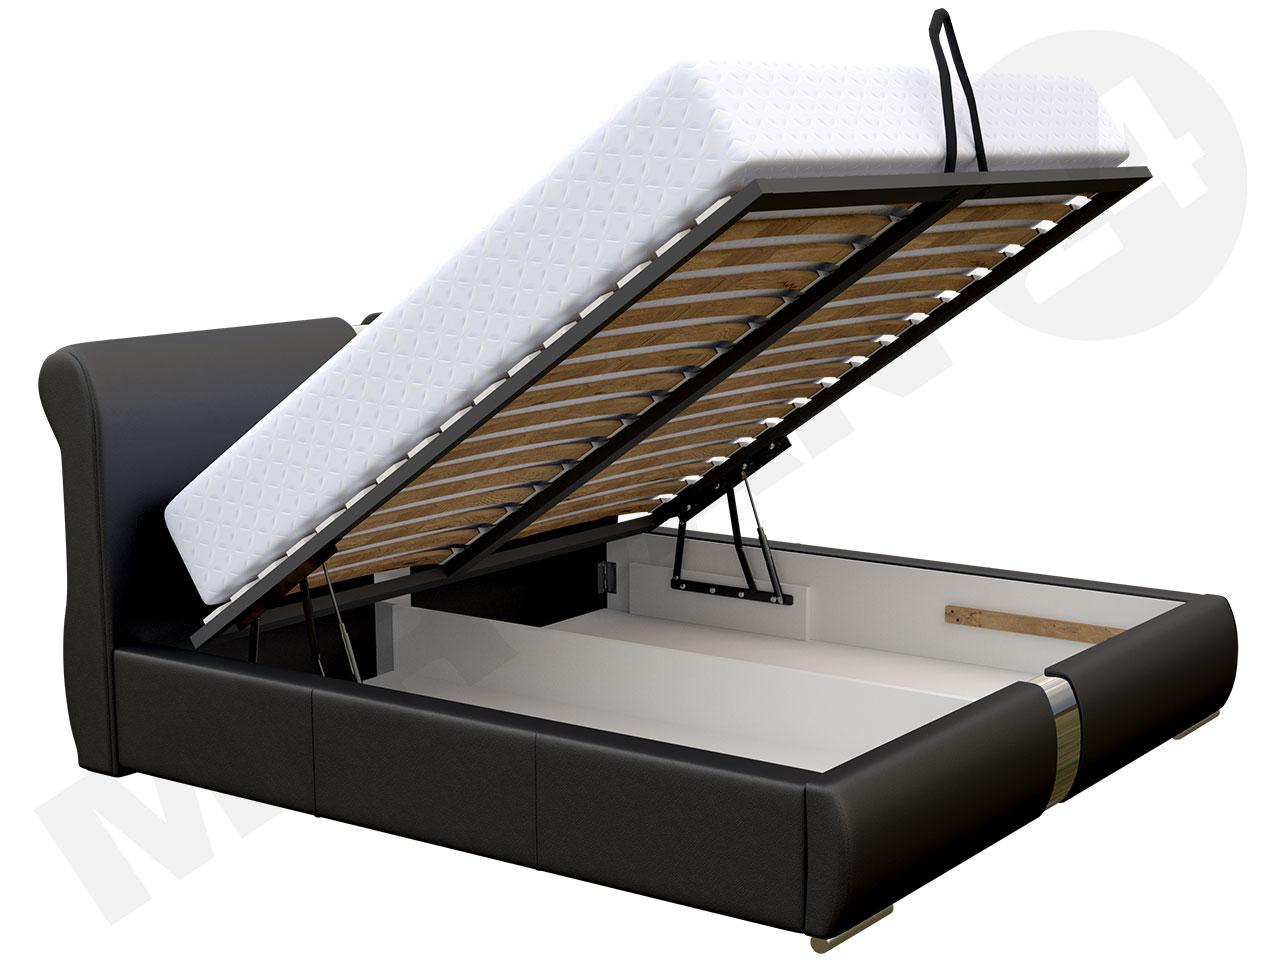 pojemnik na pościel łóżka tapicerowanego